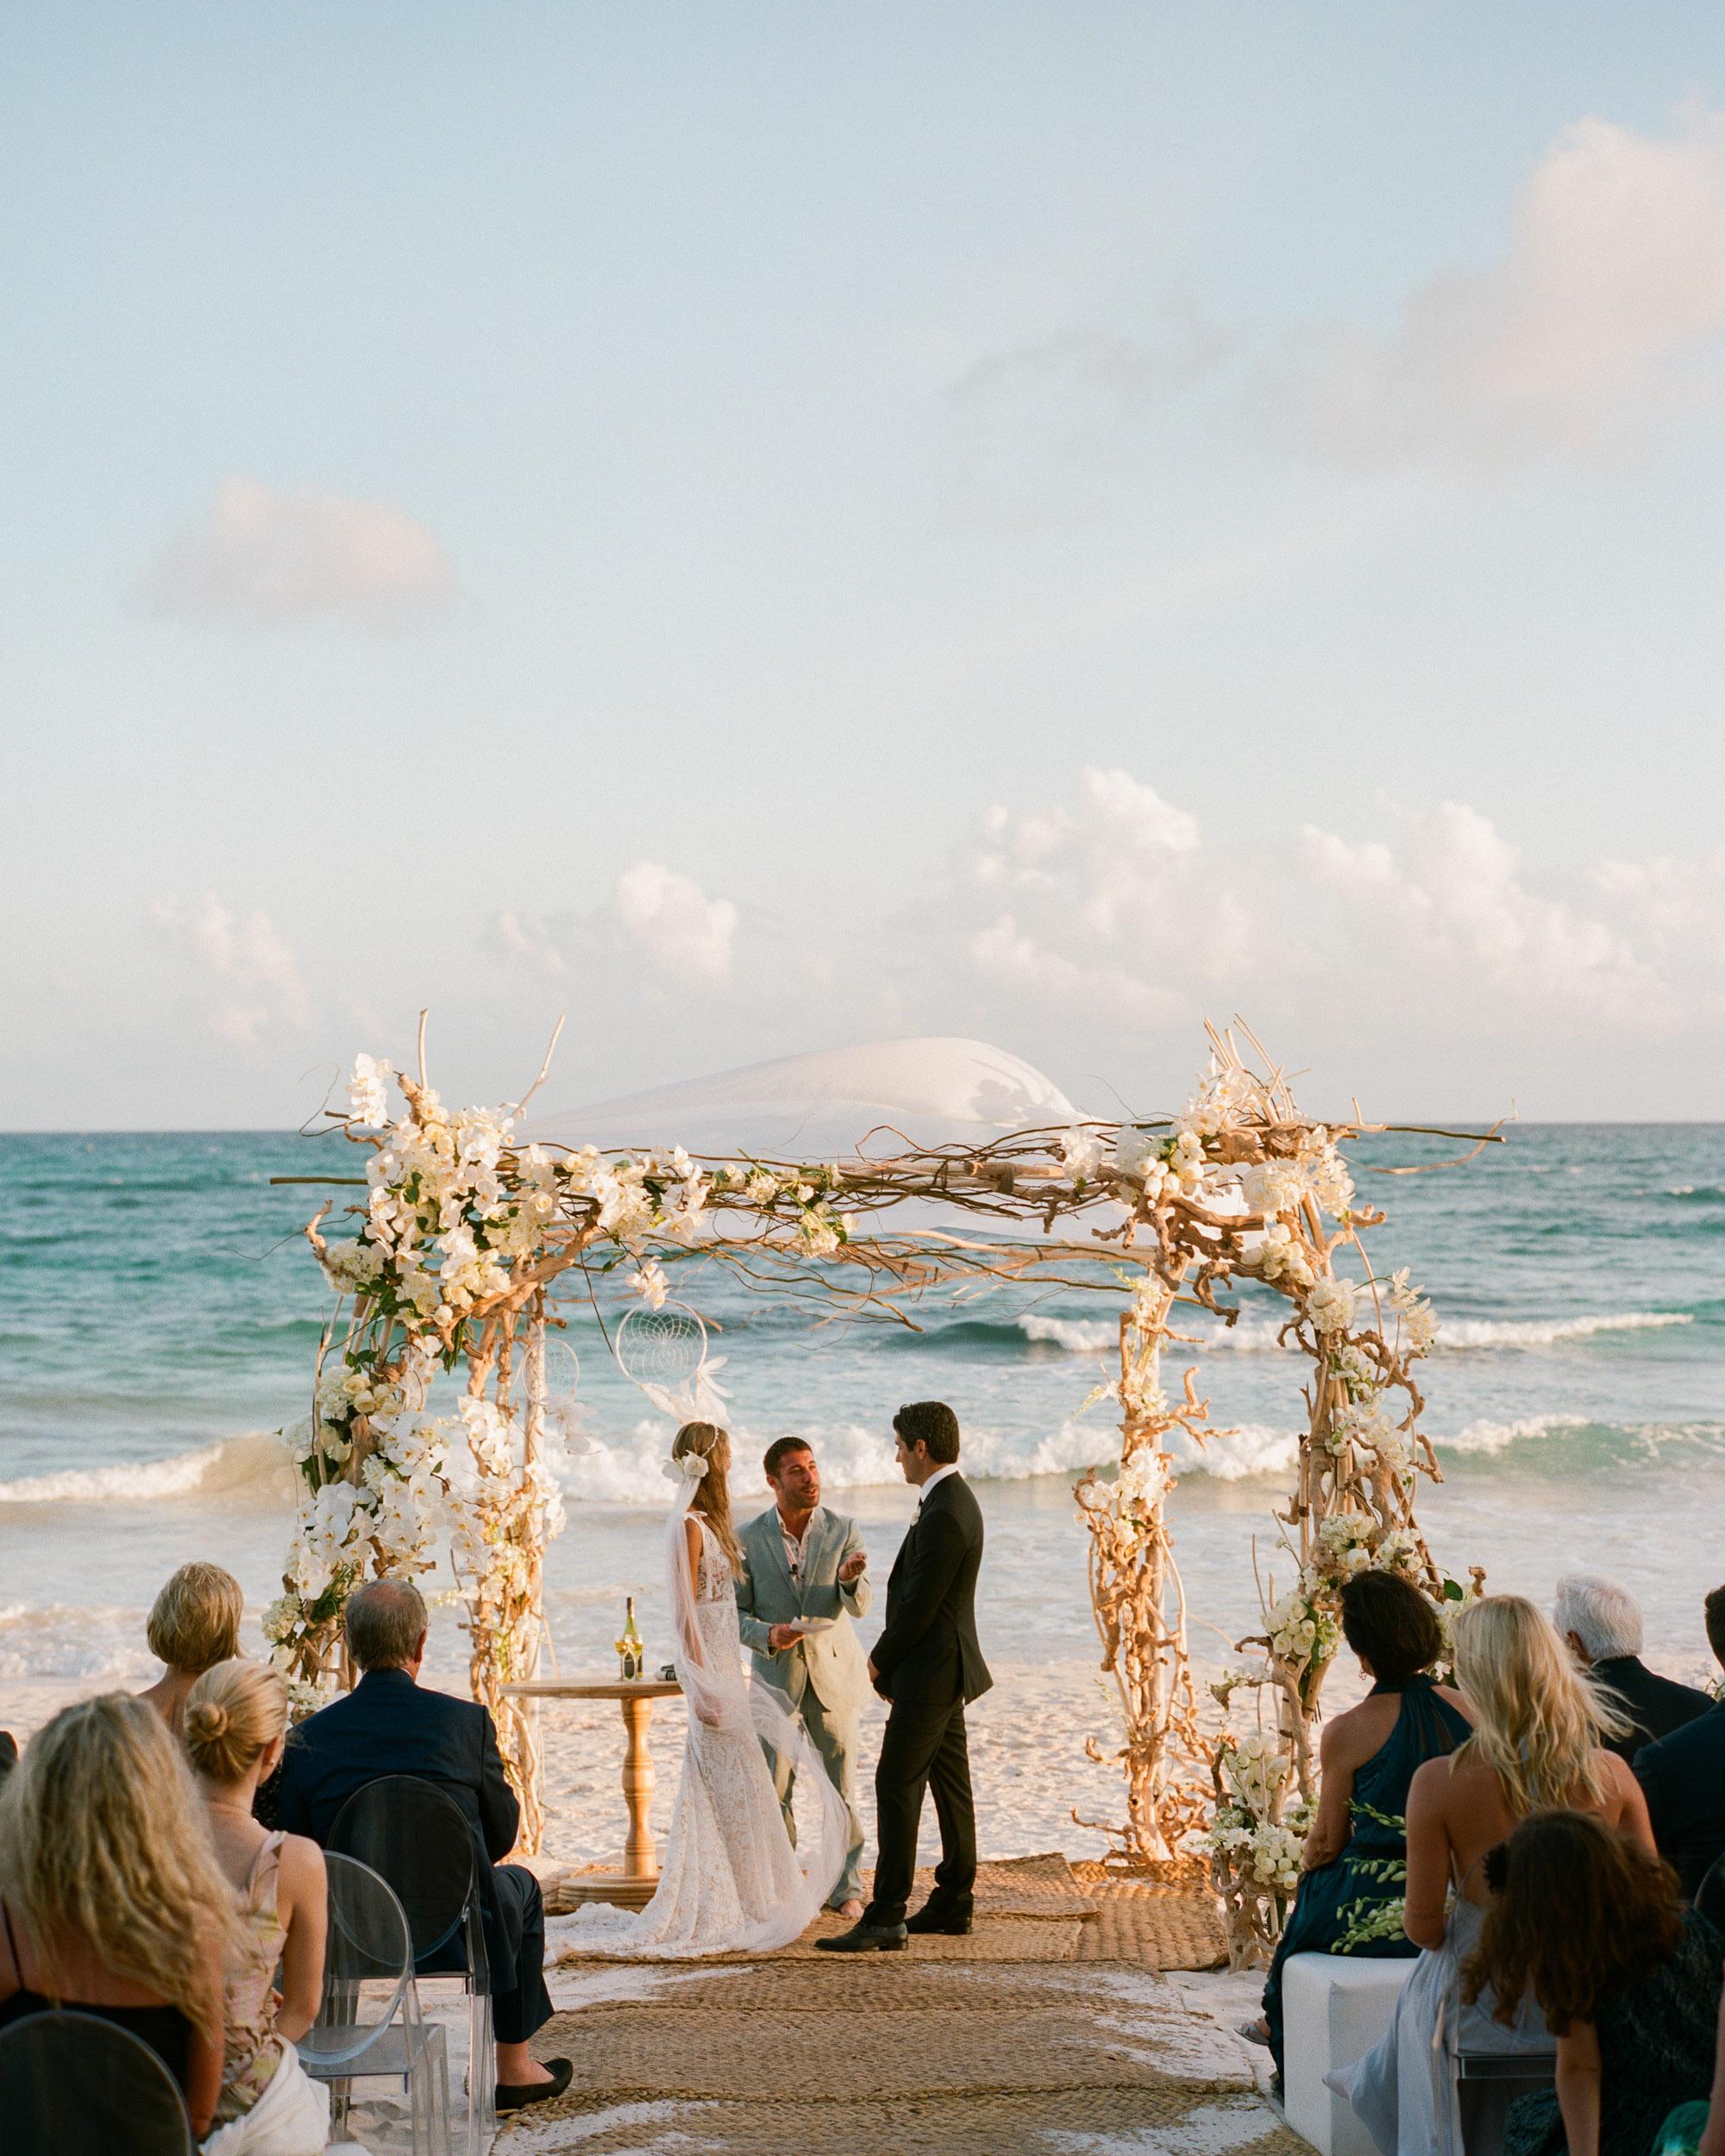 Hotel Esencia Wedding Photographer 28 1 - Hotel Esencia